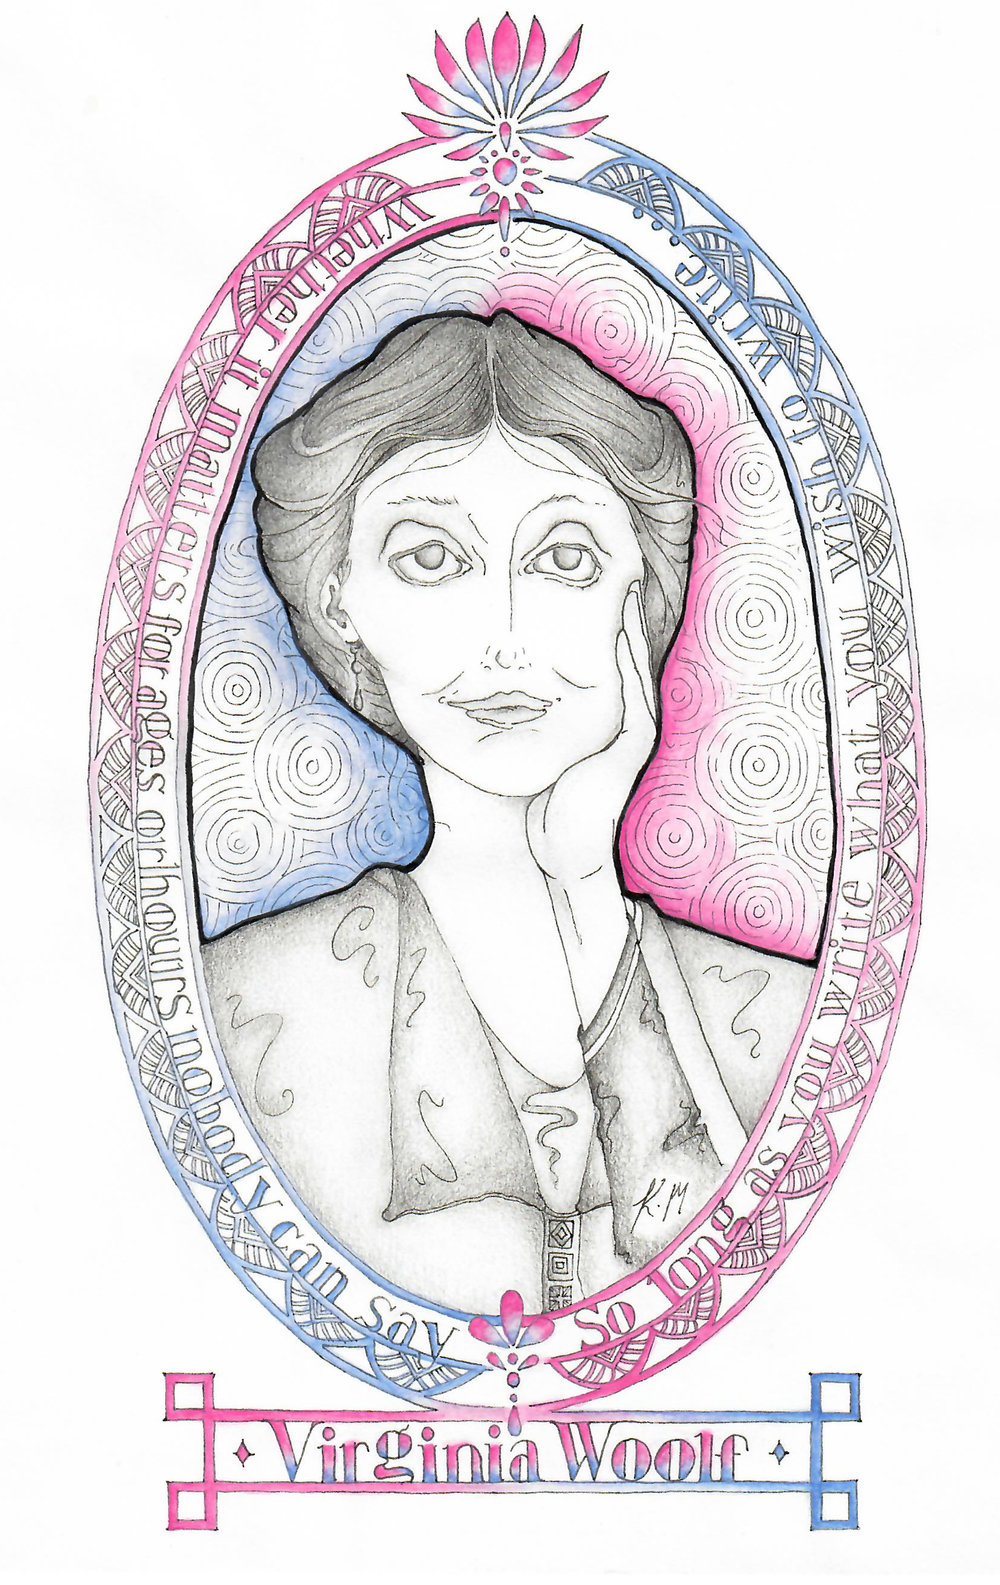 Virginia Woolf Kirsty Maclennan